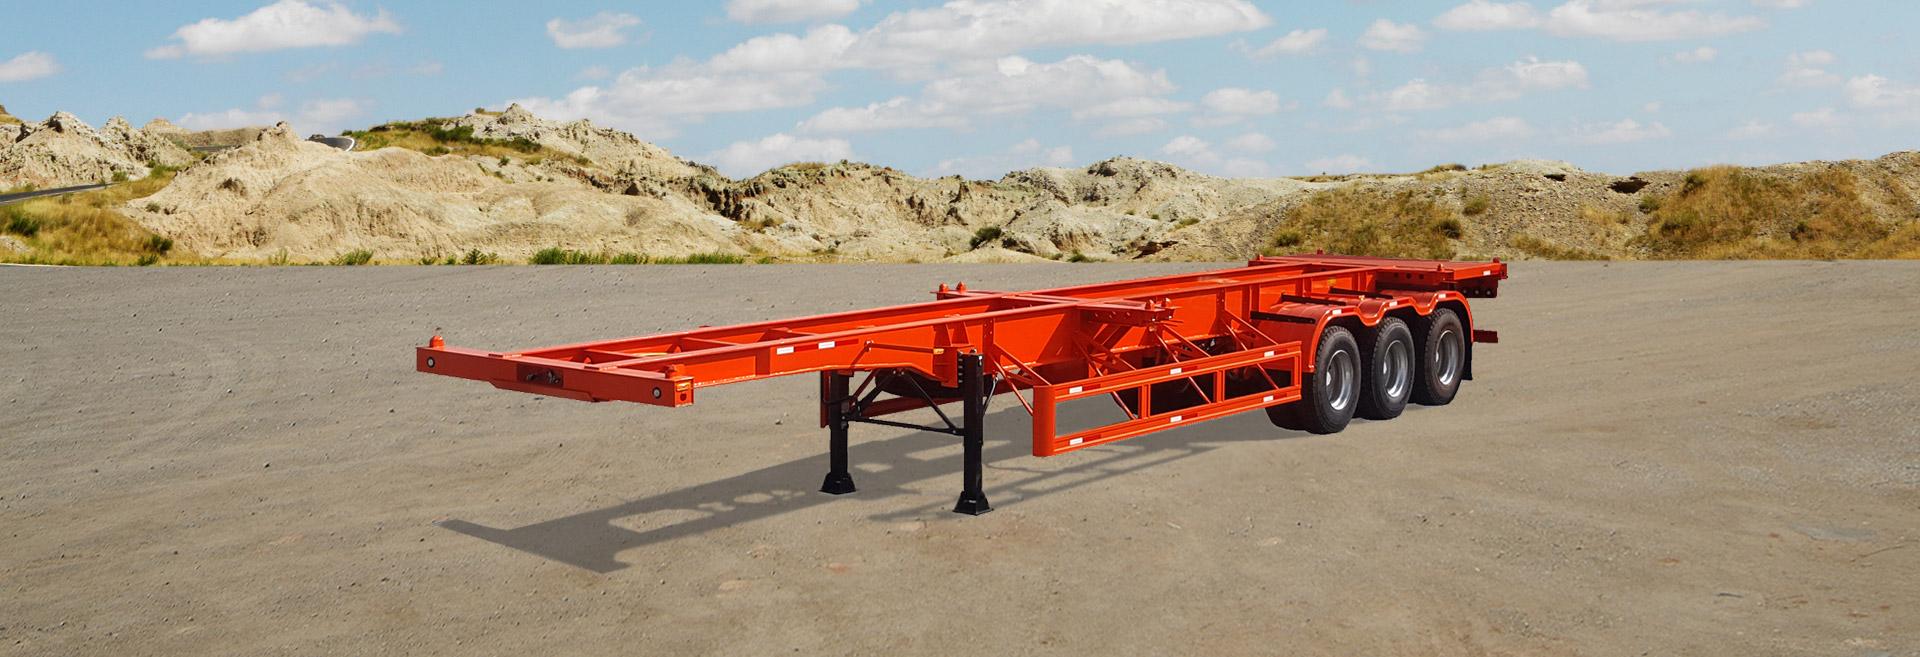 SMRM-XUONG-3T12K40FA